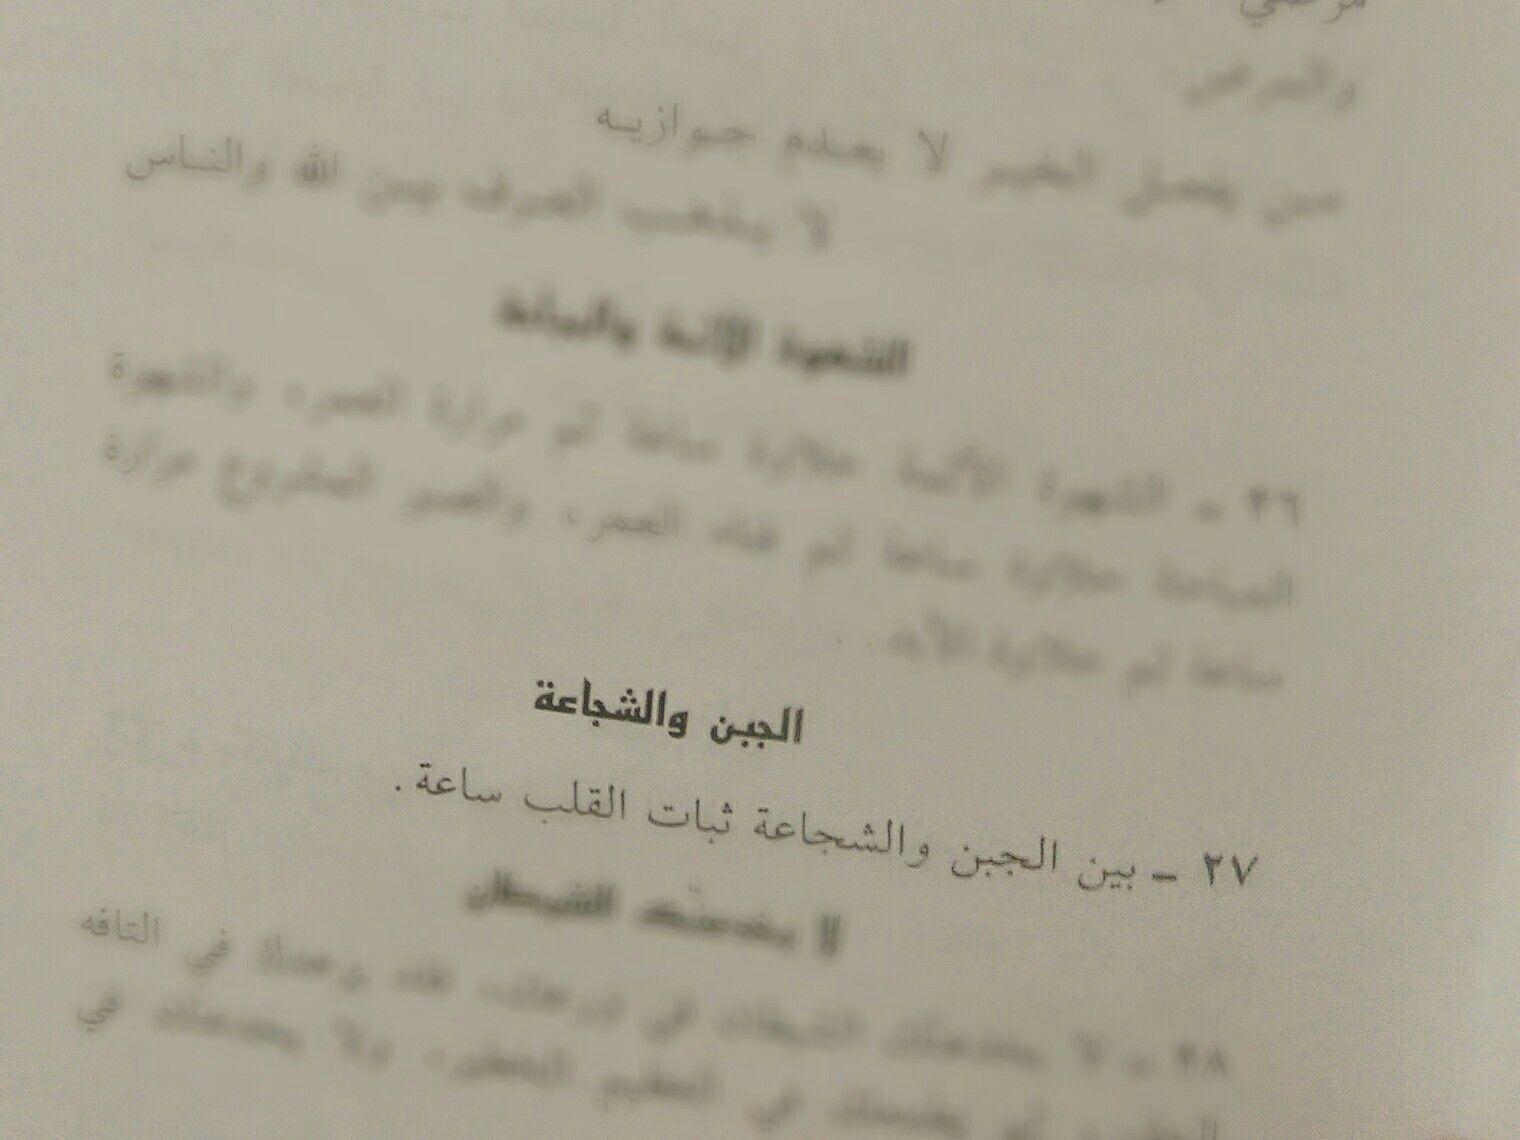 هكذا علمتني الحياة Math Qoutes Arabic Calligraphy